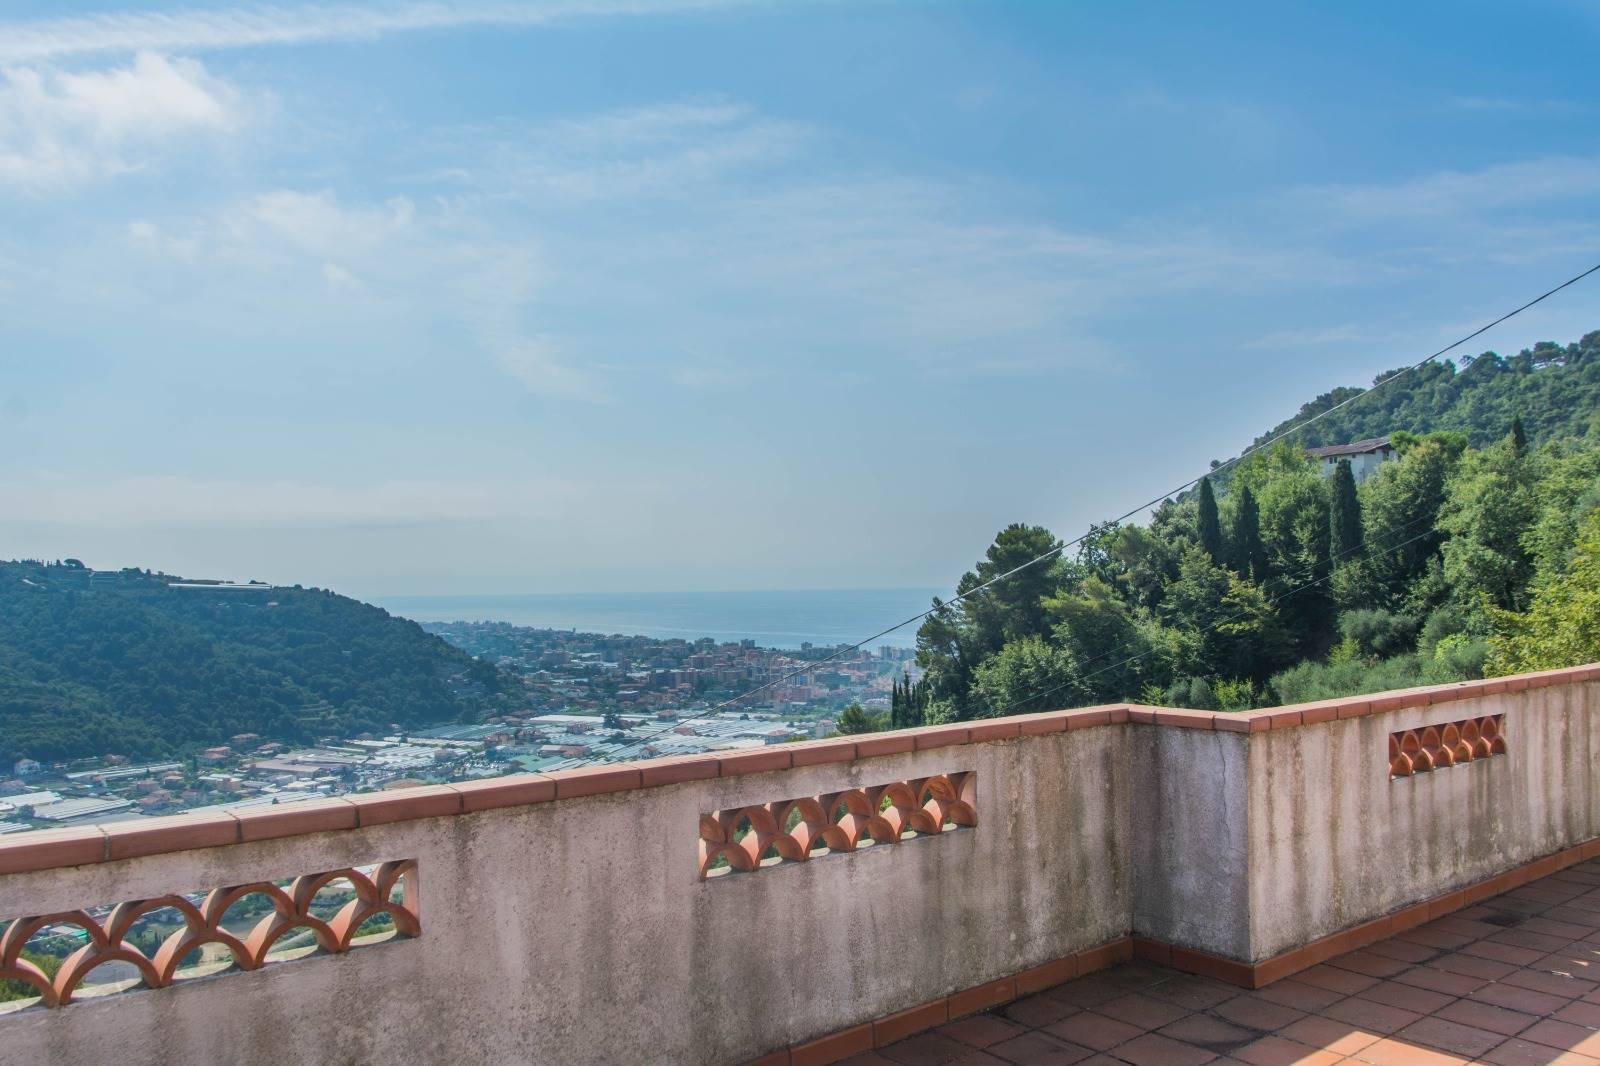 Villa in vendita a Camporosso, 9 locali, zona Giacomo, Trattative riservate | PortaleAgenzieImmobiliari.it